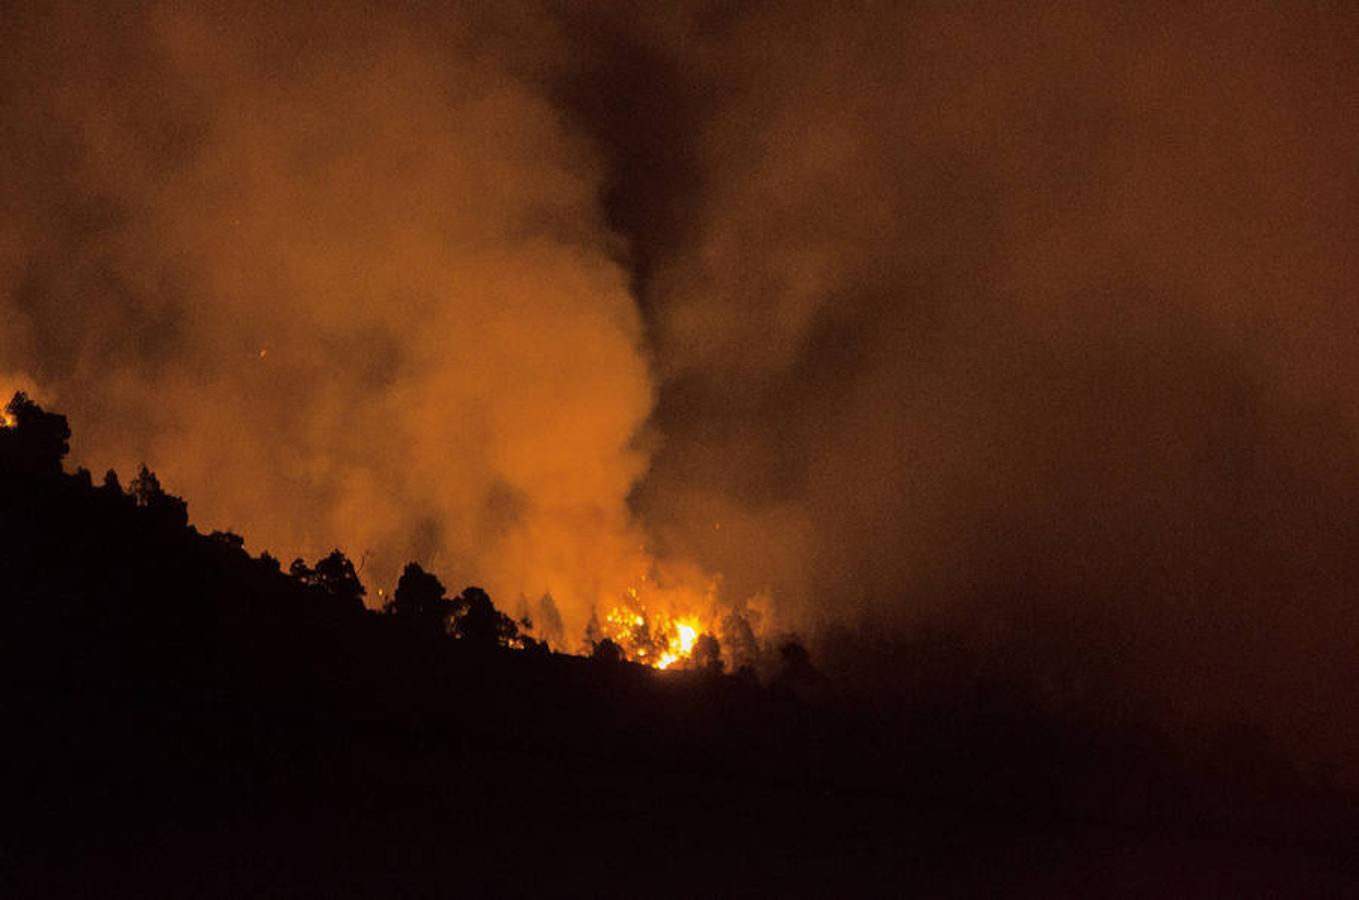 Esta mañana se han evacuado a unas 700 personas de las áreas de Cabeza de Vaca como Tacande además de San Nicolás y Jedey